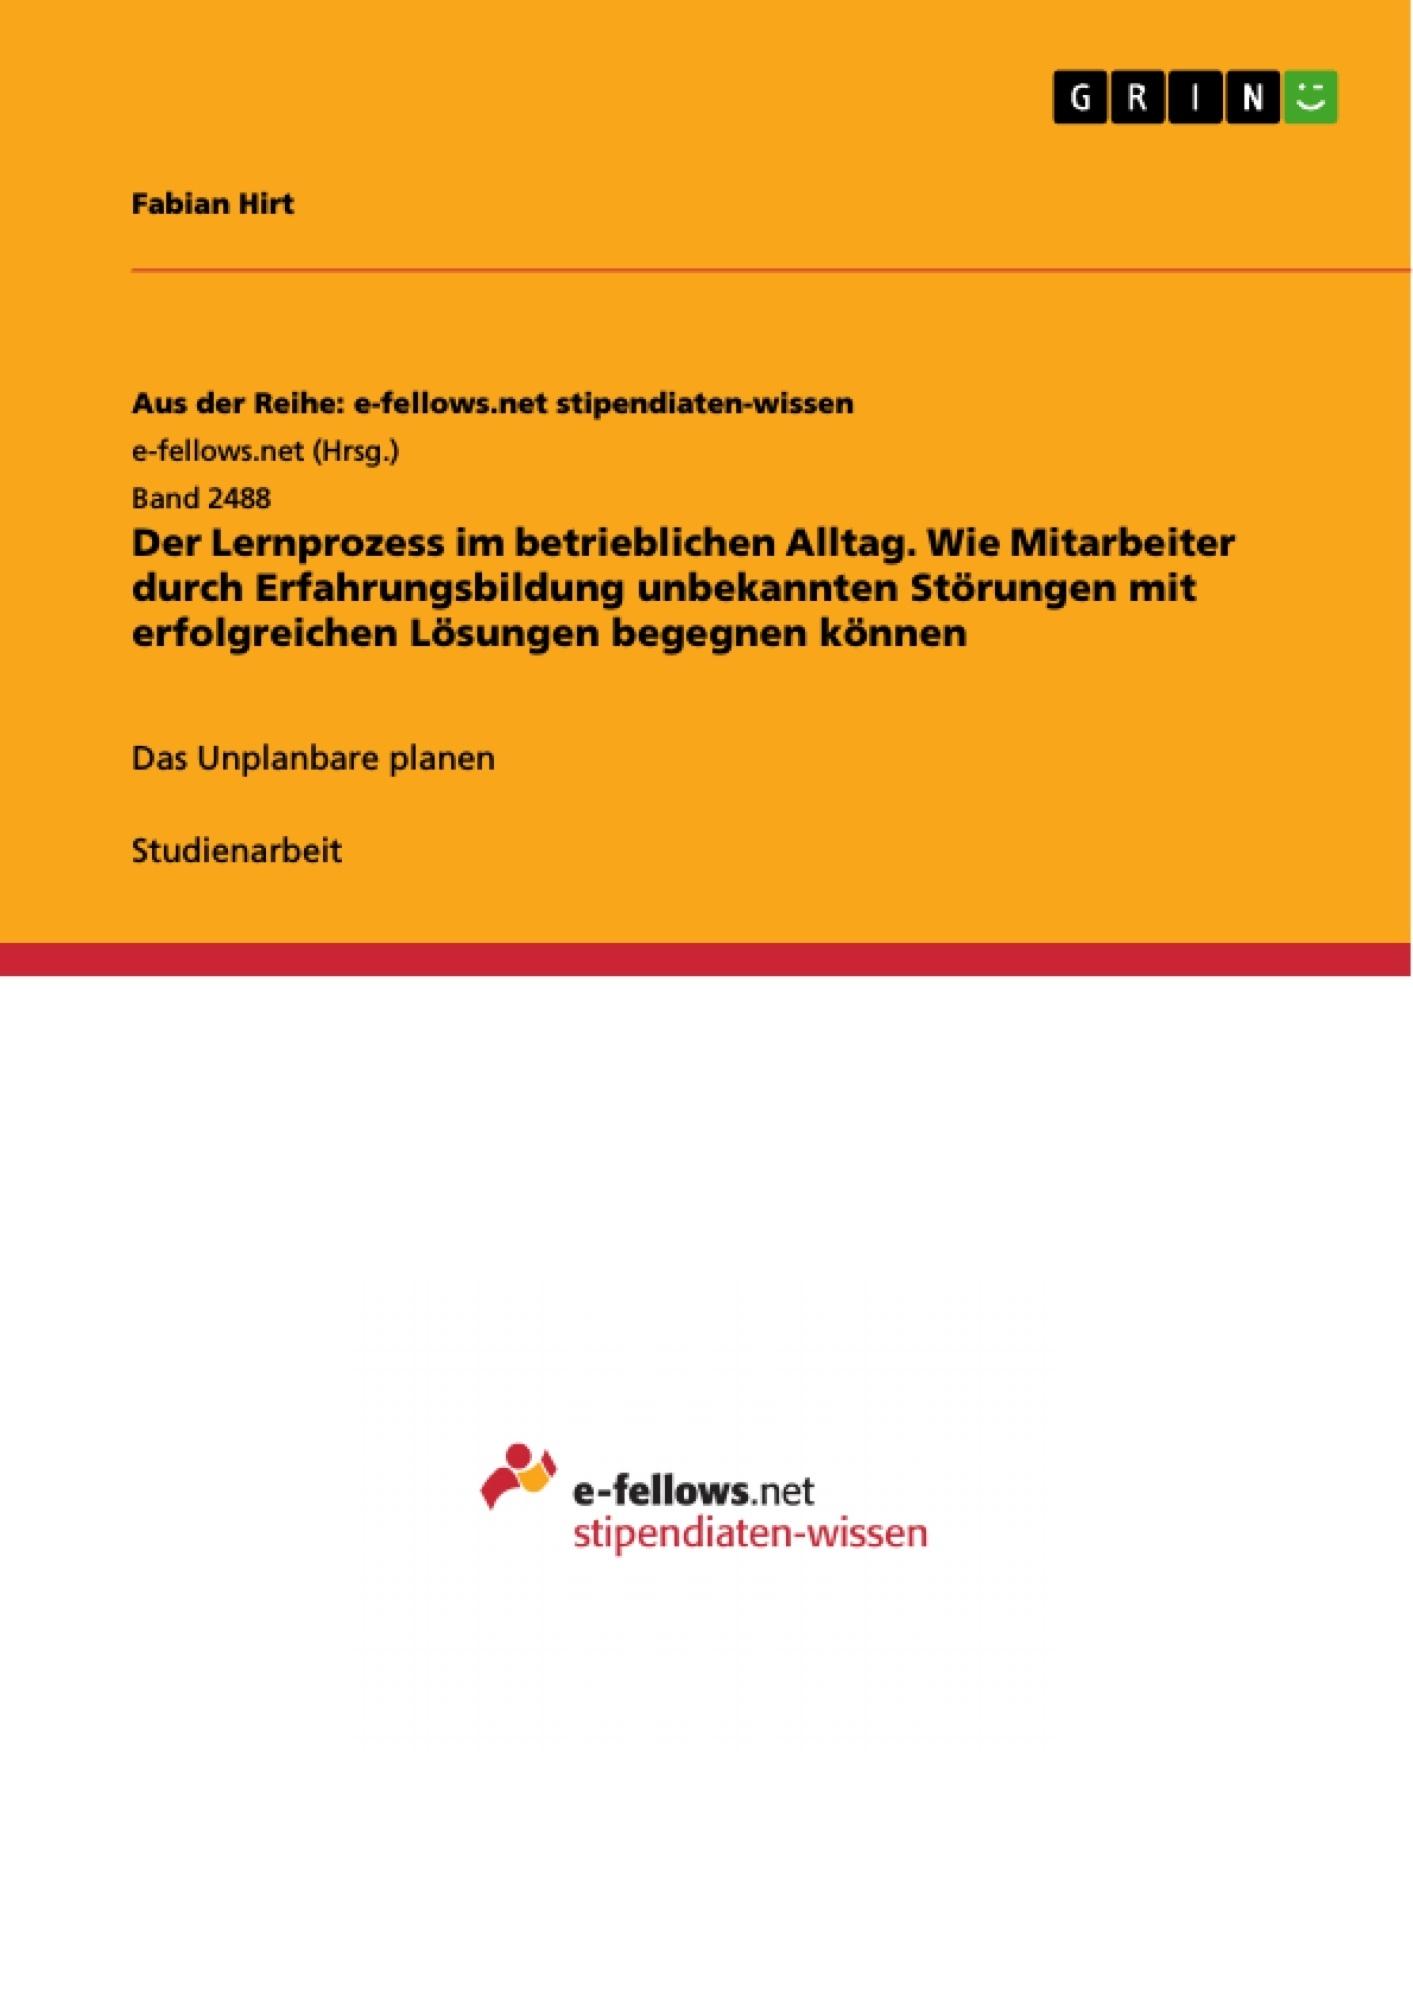 Titel: Der Lernprozess im betrieblichen Alltag. Wie Mitarbeiter durch Erfahrungsbildung unbekannten Störungen mit erfolgreichen Lösungen begegnen können